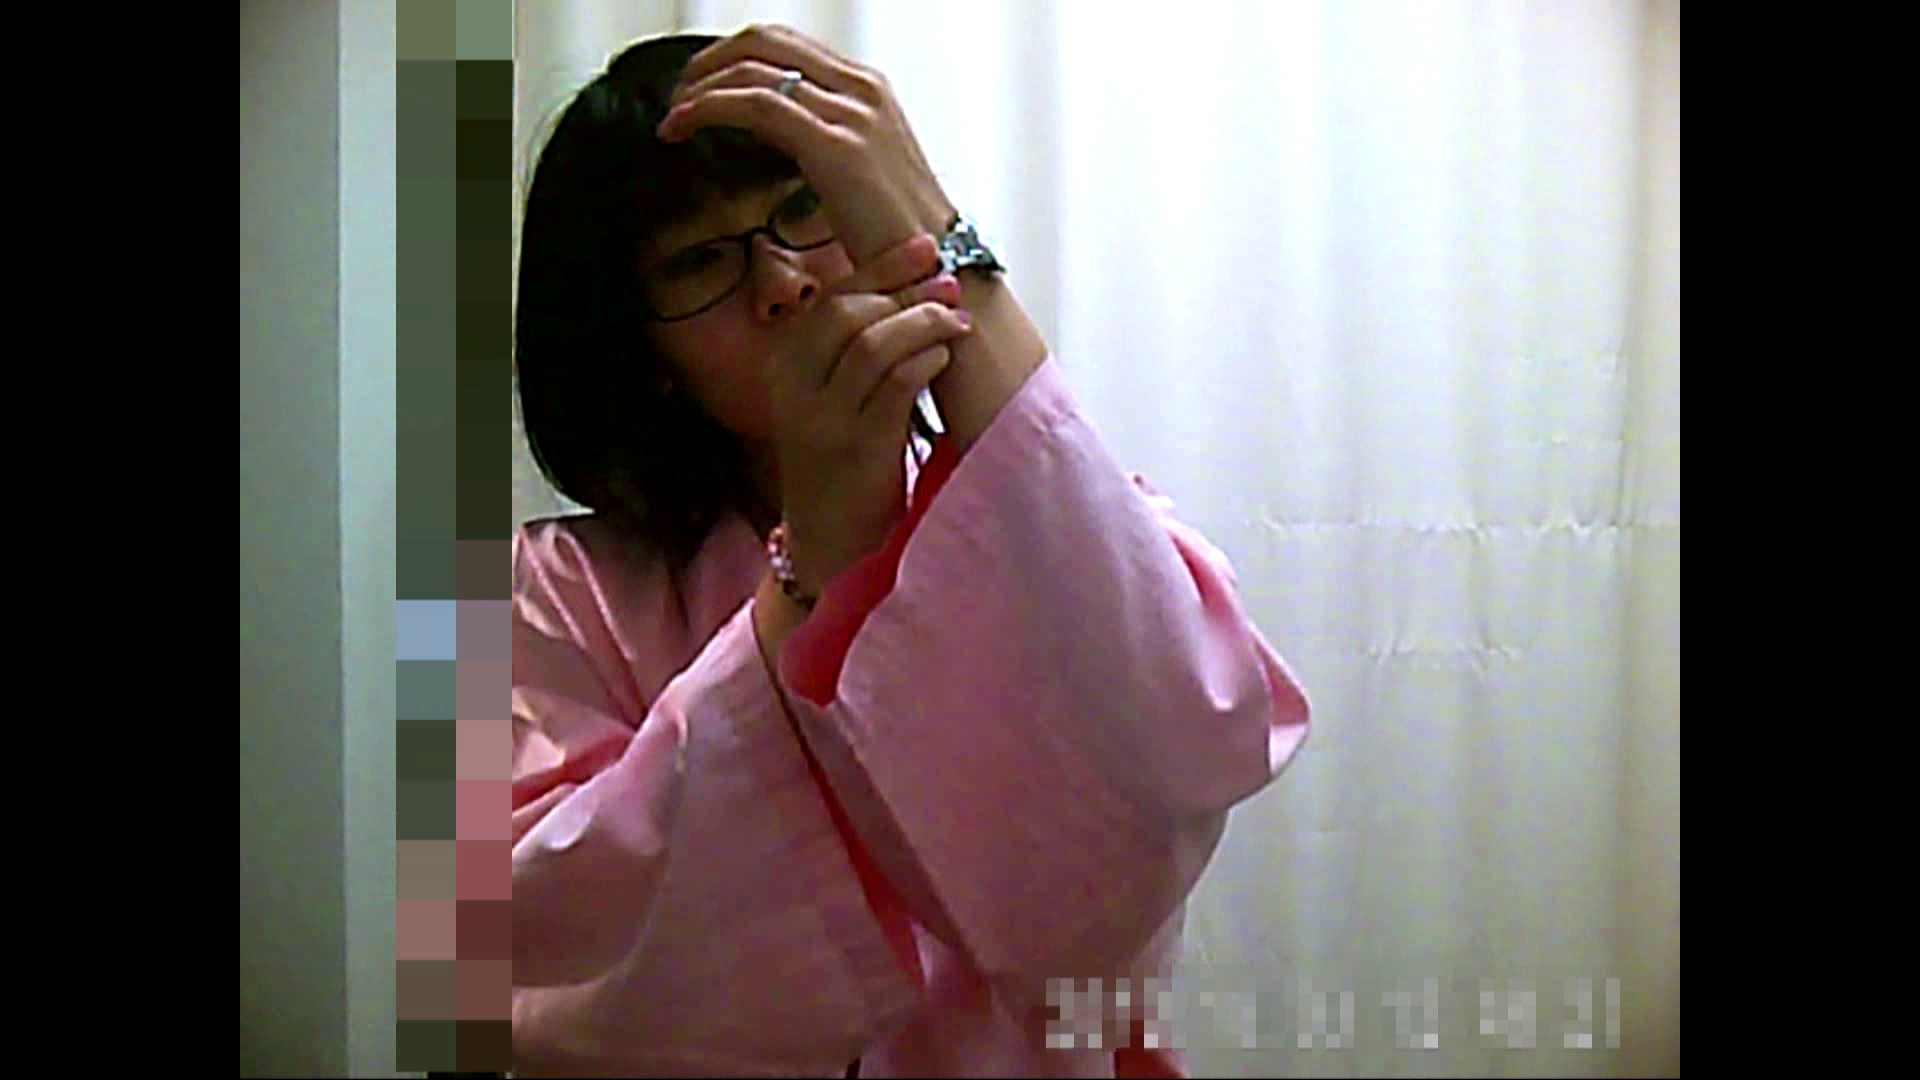 元医者による反抗 更衣室地獄絵巻 vol.068 OL  99pic 4